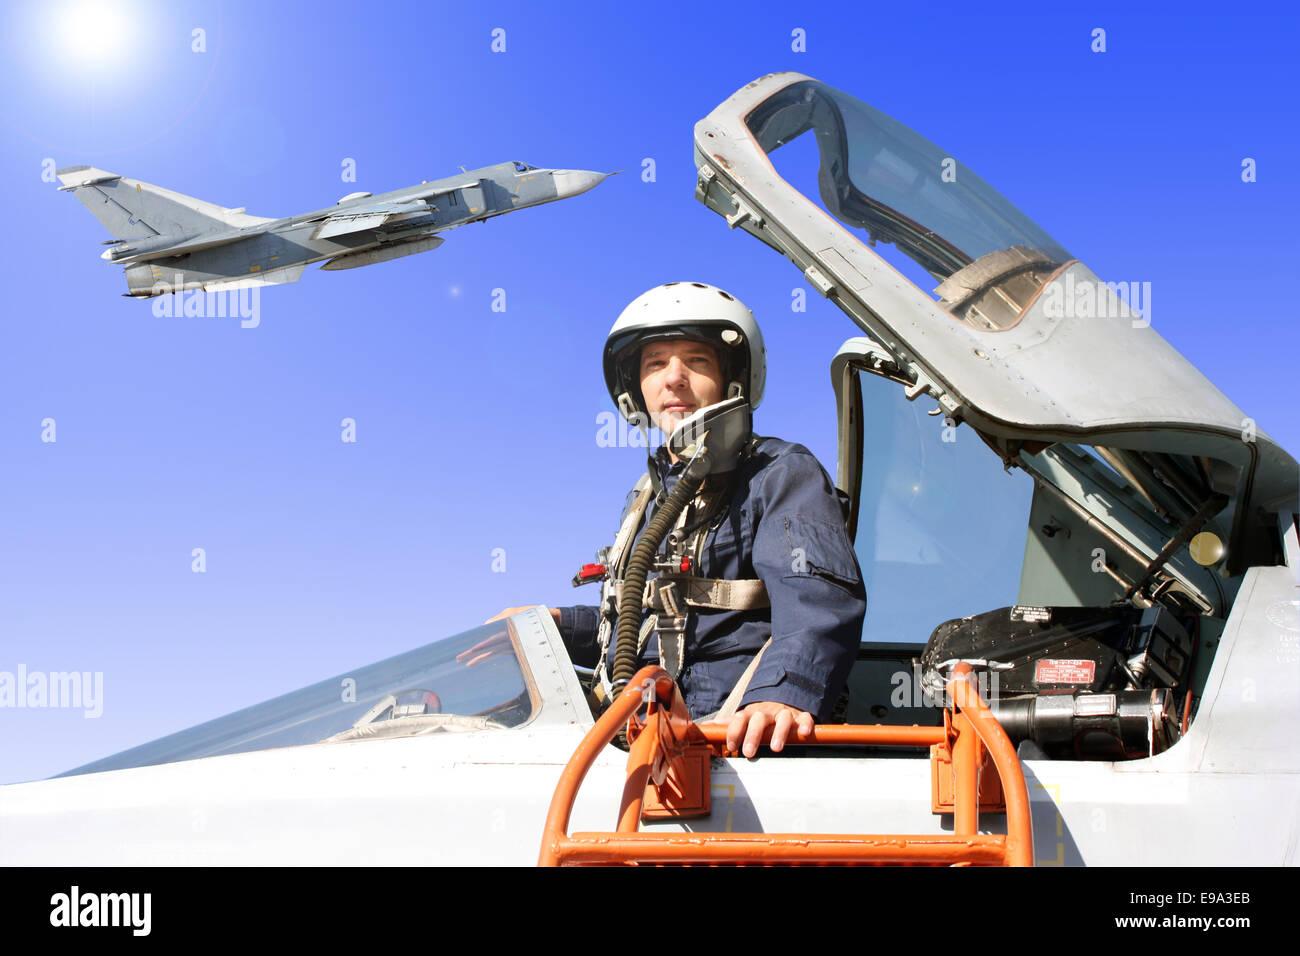 Le pilote militaire dans l'avion Banque D'Images